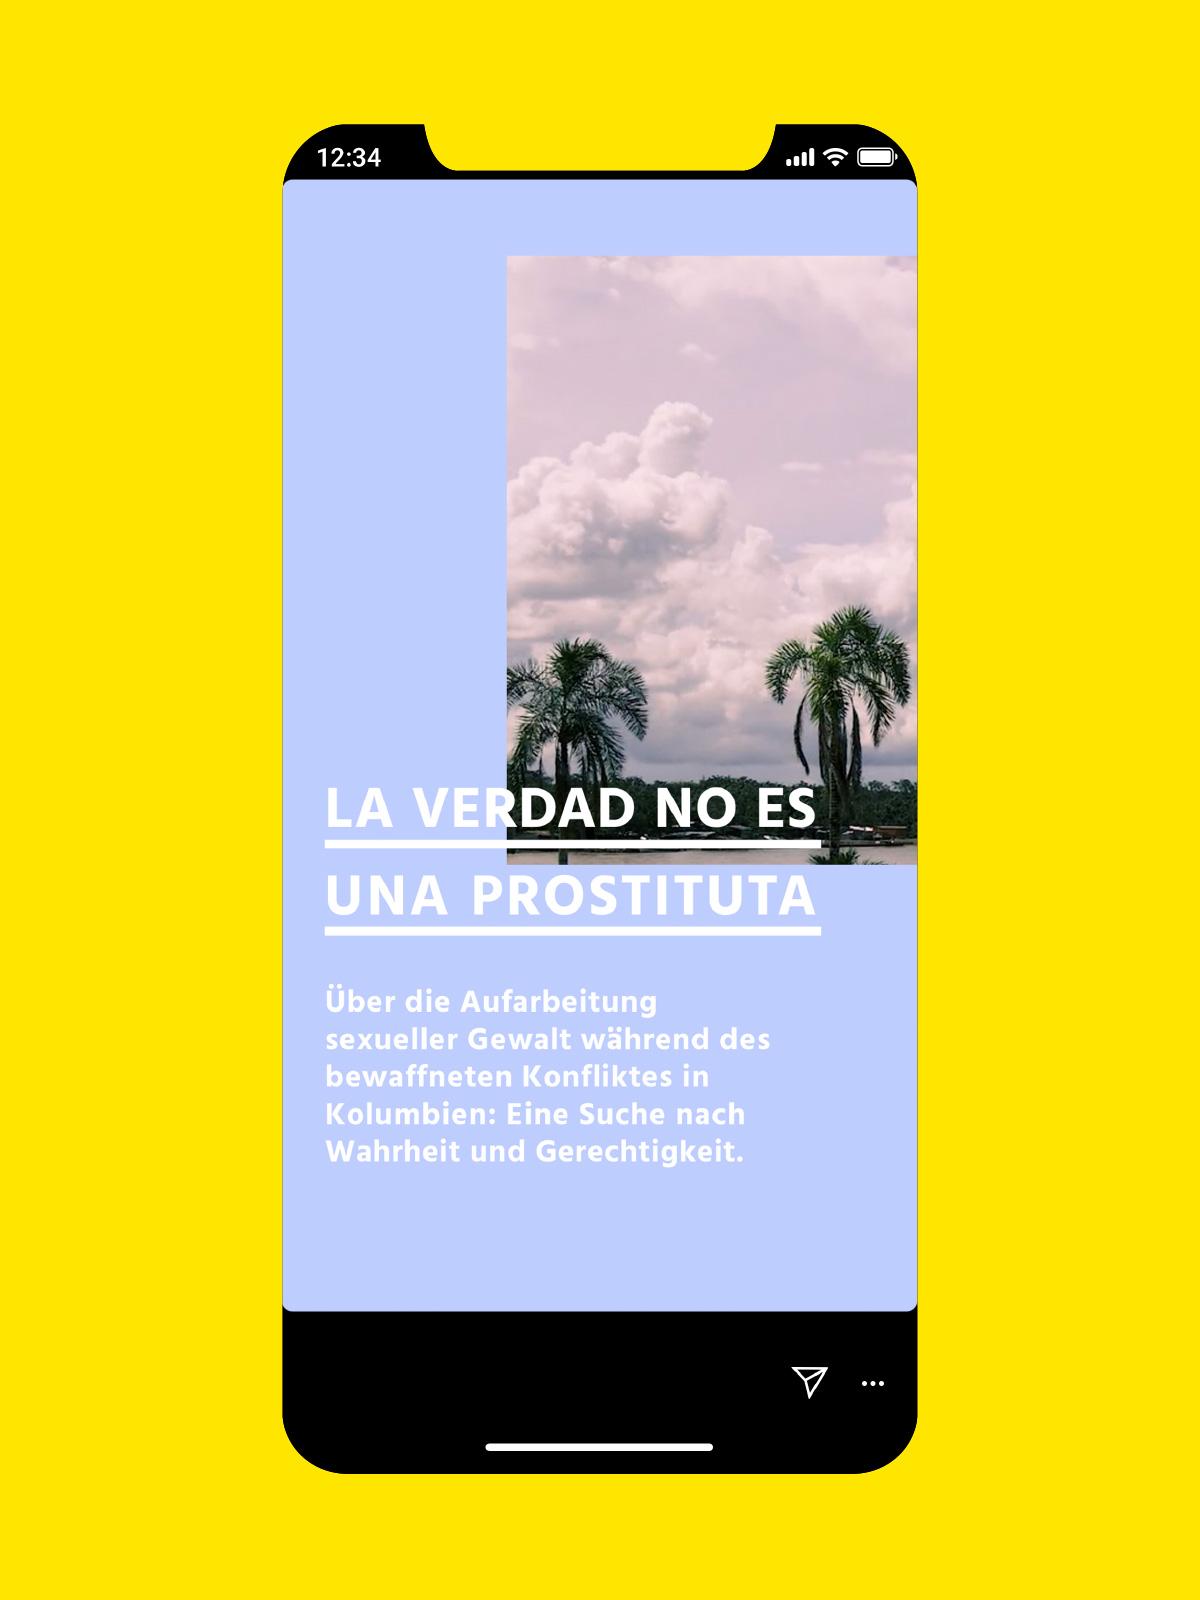 Denkbilder Filmproduktion Website oder Social Media Story Filmstill mit Palmen auf violetter Fläche darüber weißer Text mit unterstrichener Headline